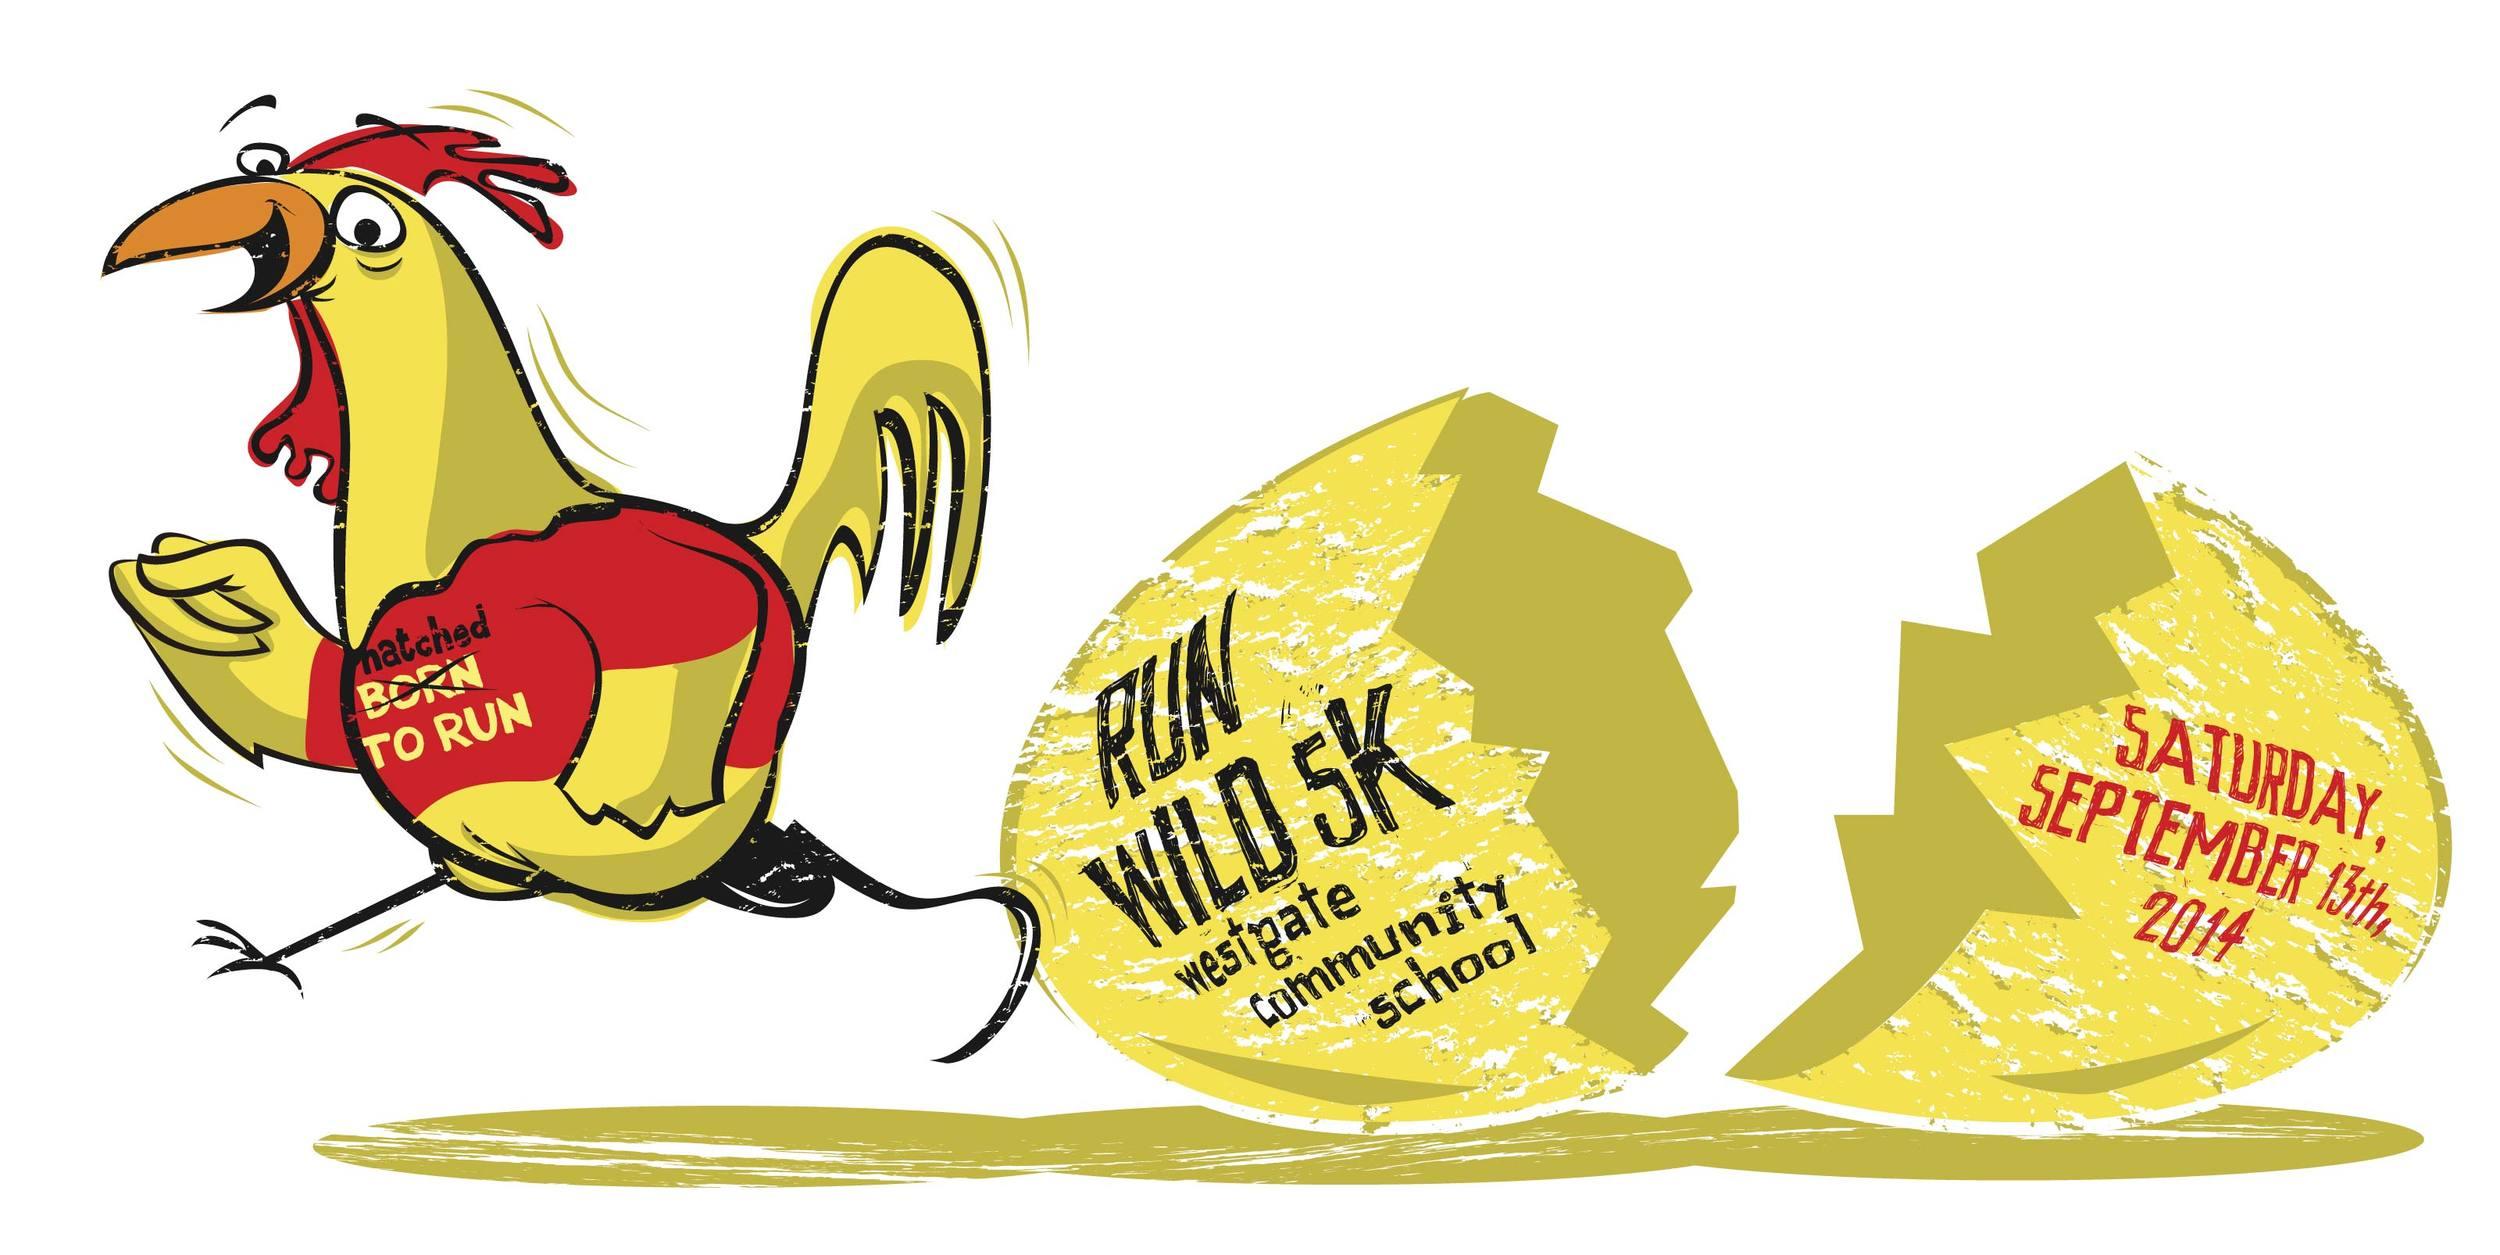 An illustration of a chicken running by Denver illustrator Jonathan Fenske